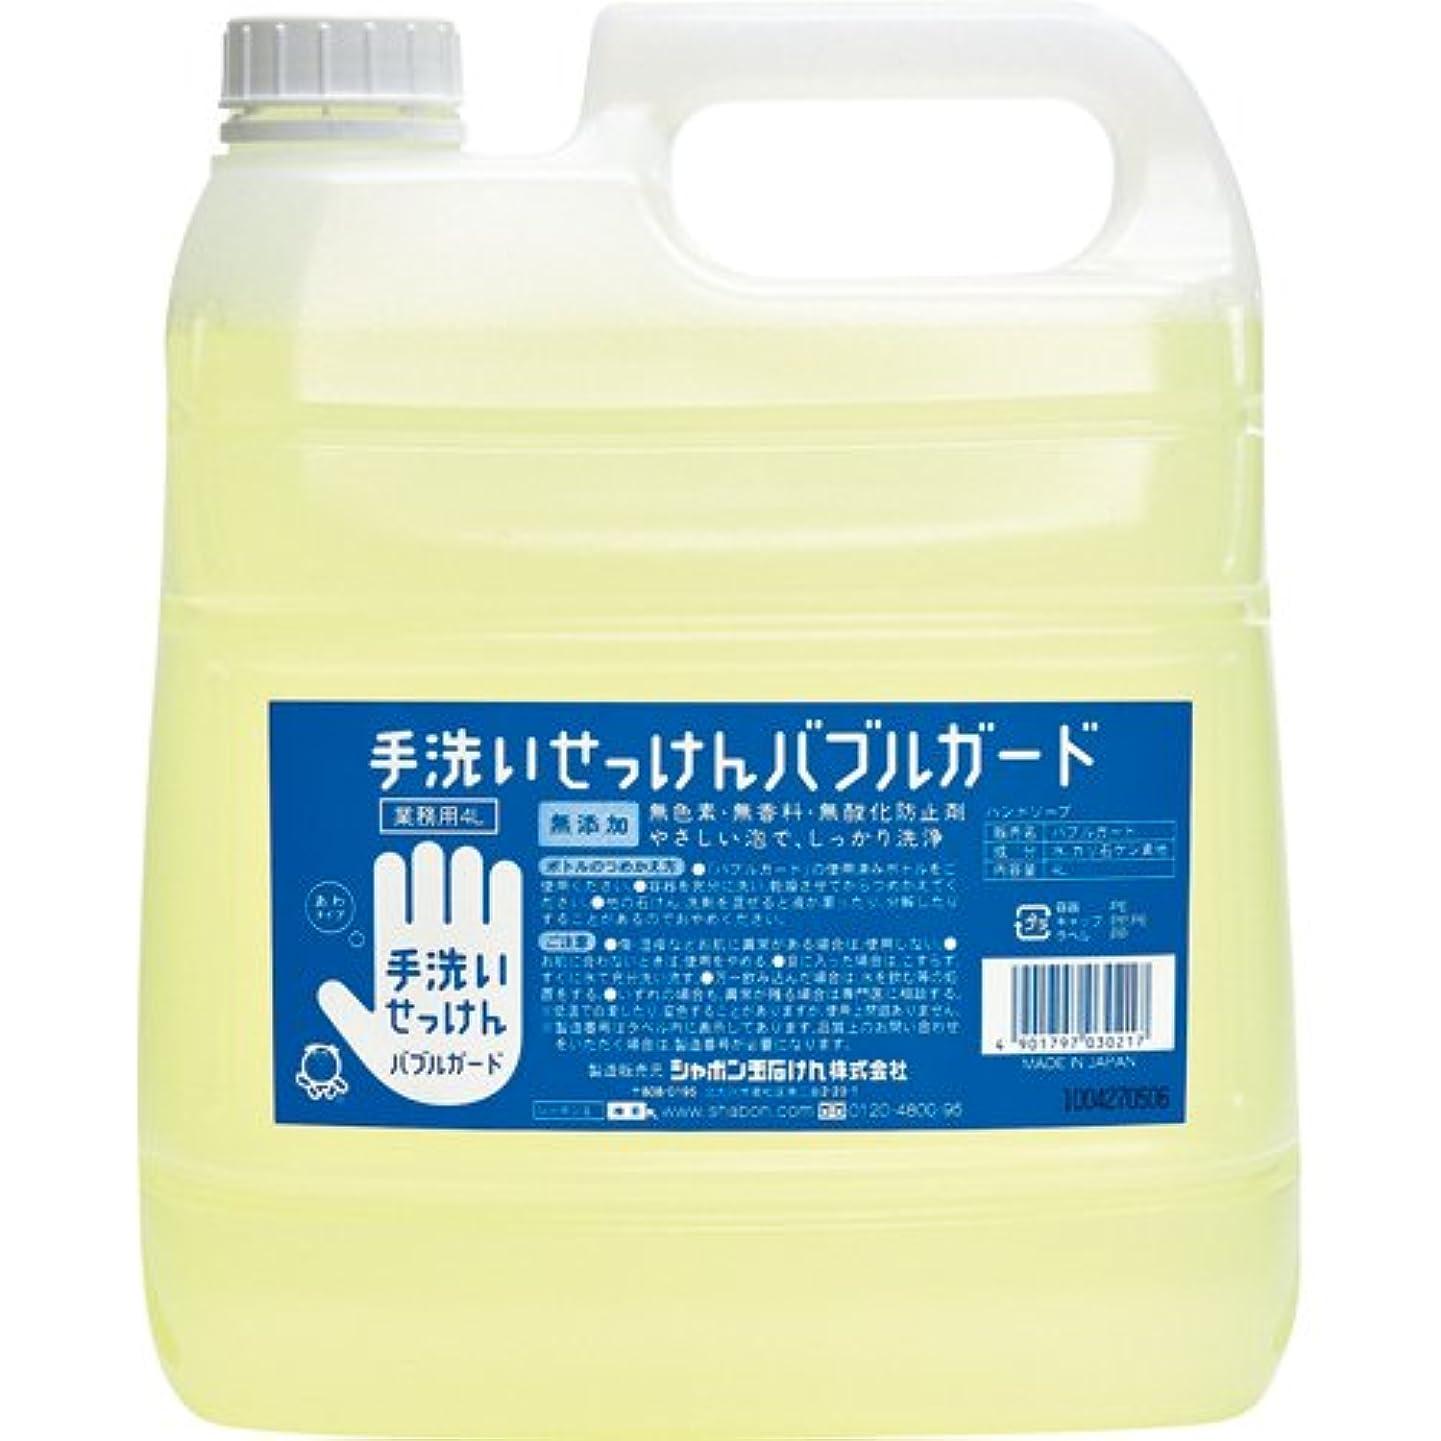 スタッフ晩餐物思いにふける[シャボン玉石けん 1692542] (ケア商品)手洗いせっけん バブルガード 泡タイプ 業務用 4L